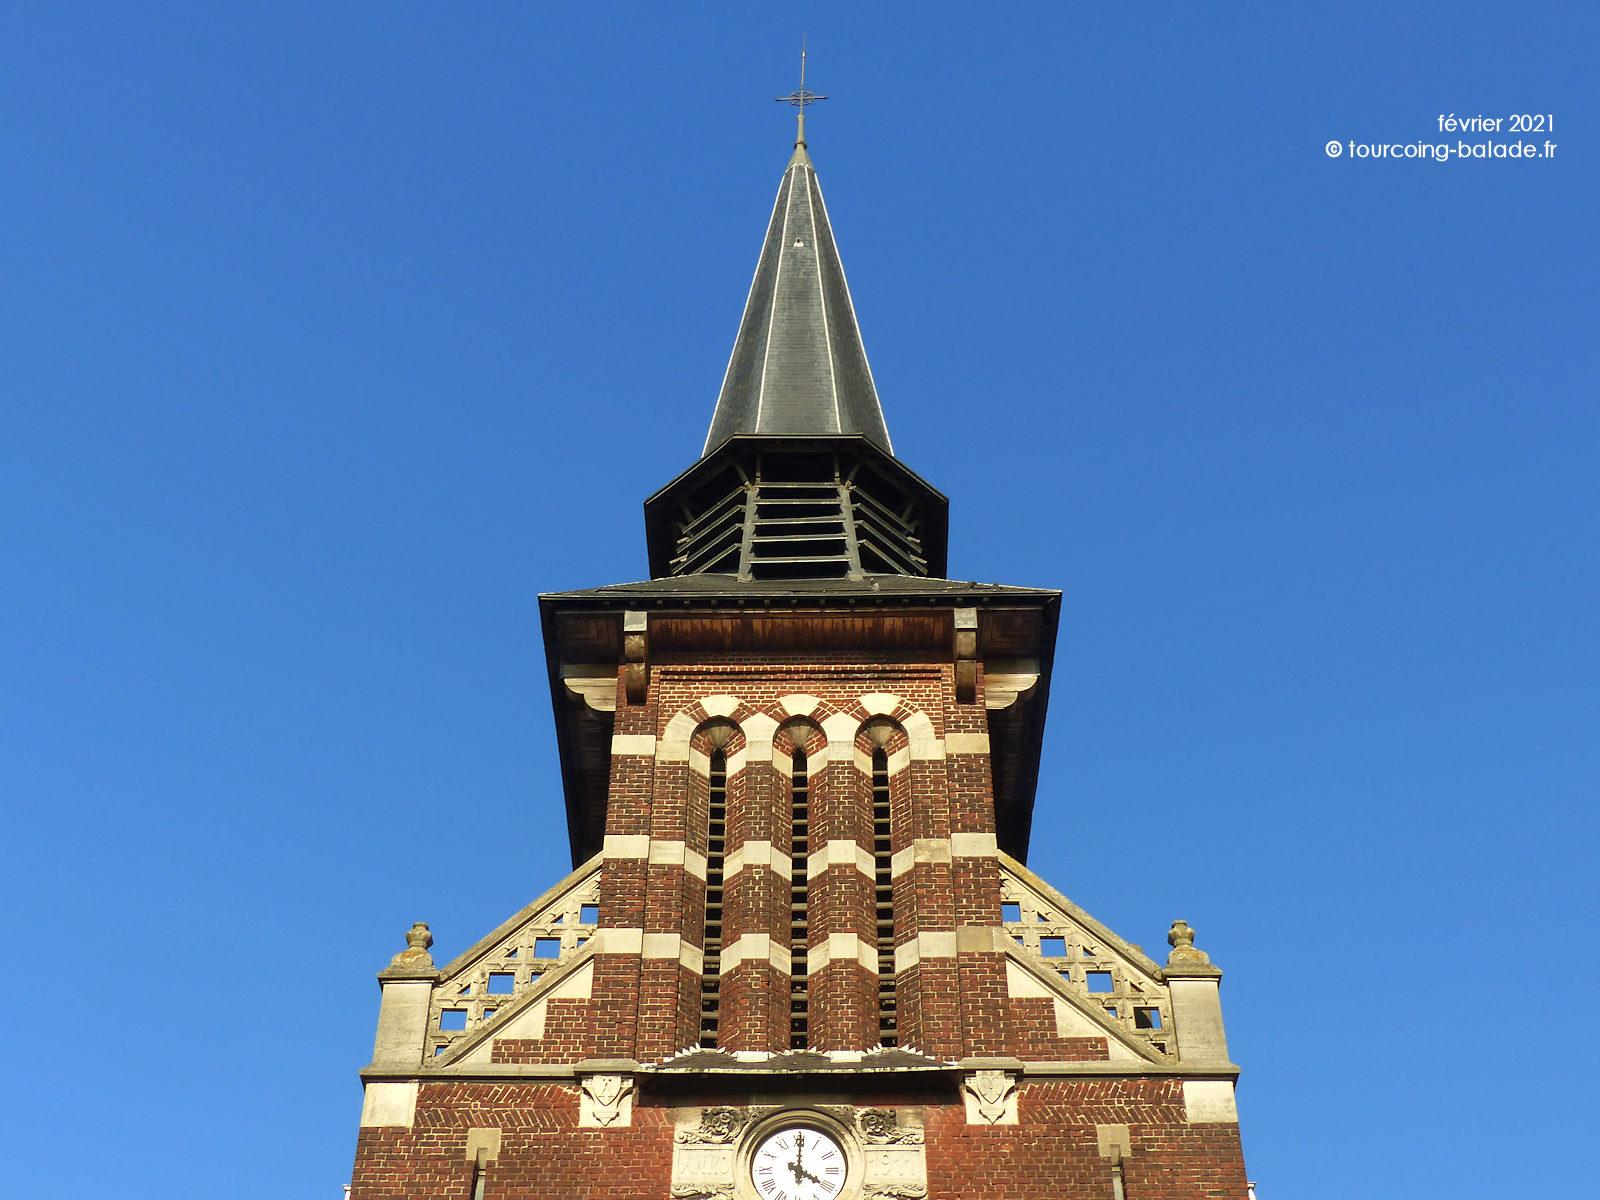 Flèche de l'église Notre-Dame de Consolation, Tourcoing 2021